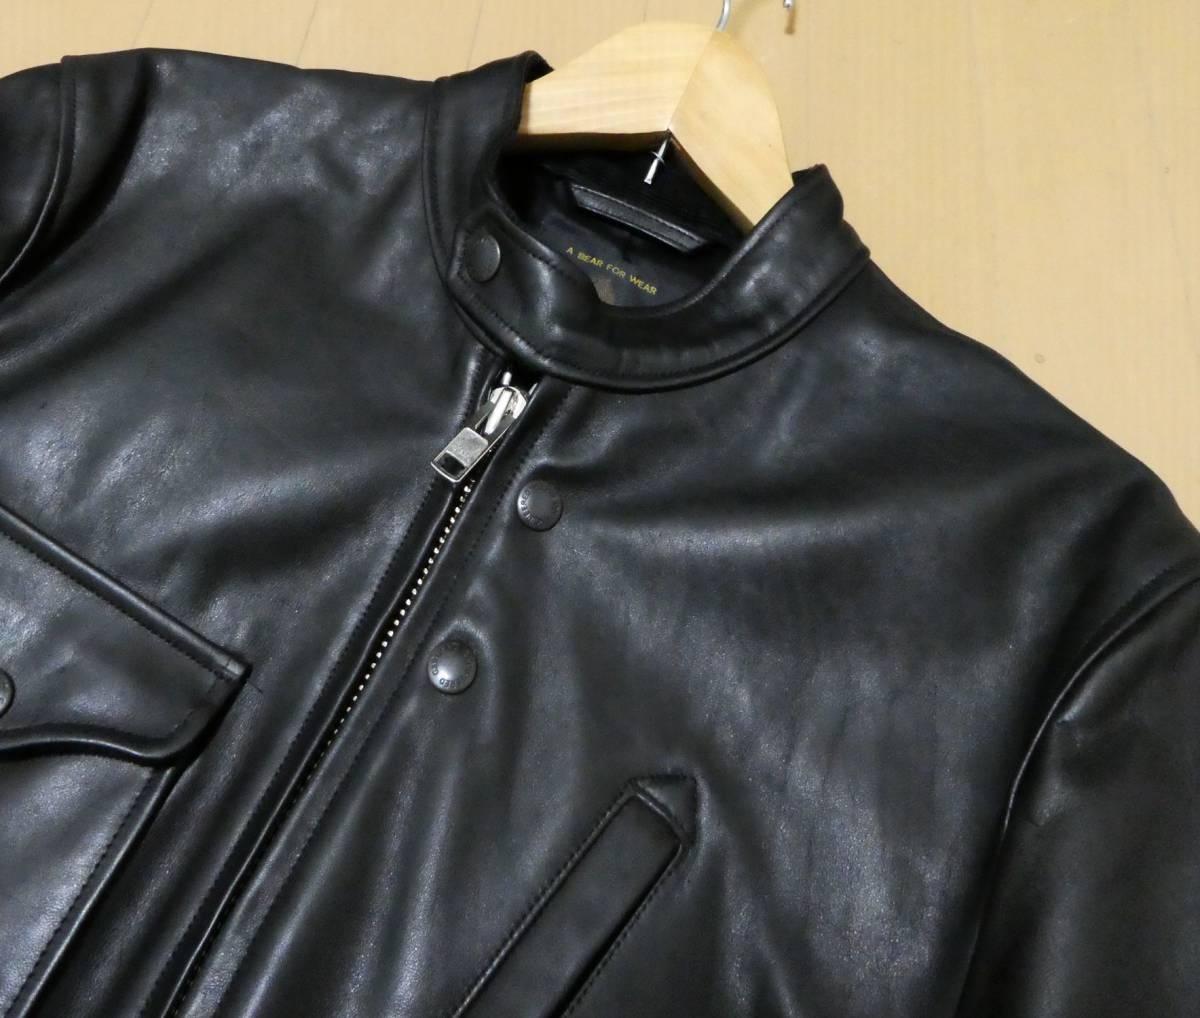 USA製 エンジニアードガーメンツ×ゴールデンベア Engineered Garments×GOLDEN BEAR 馬革 ホースハイド ライダースジャケット クラブマン _画像3